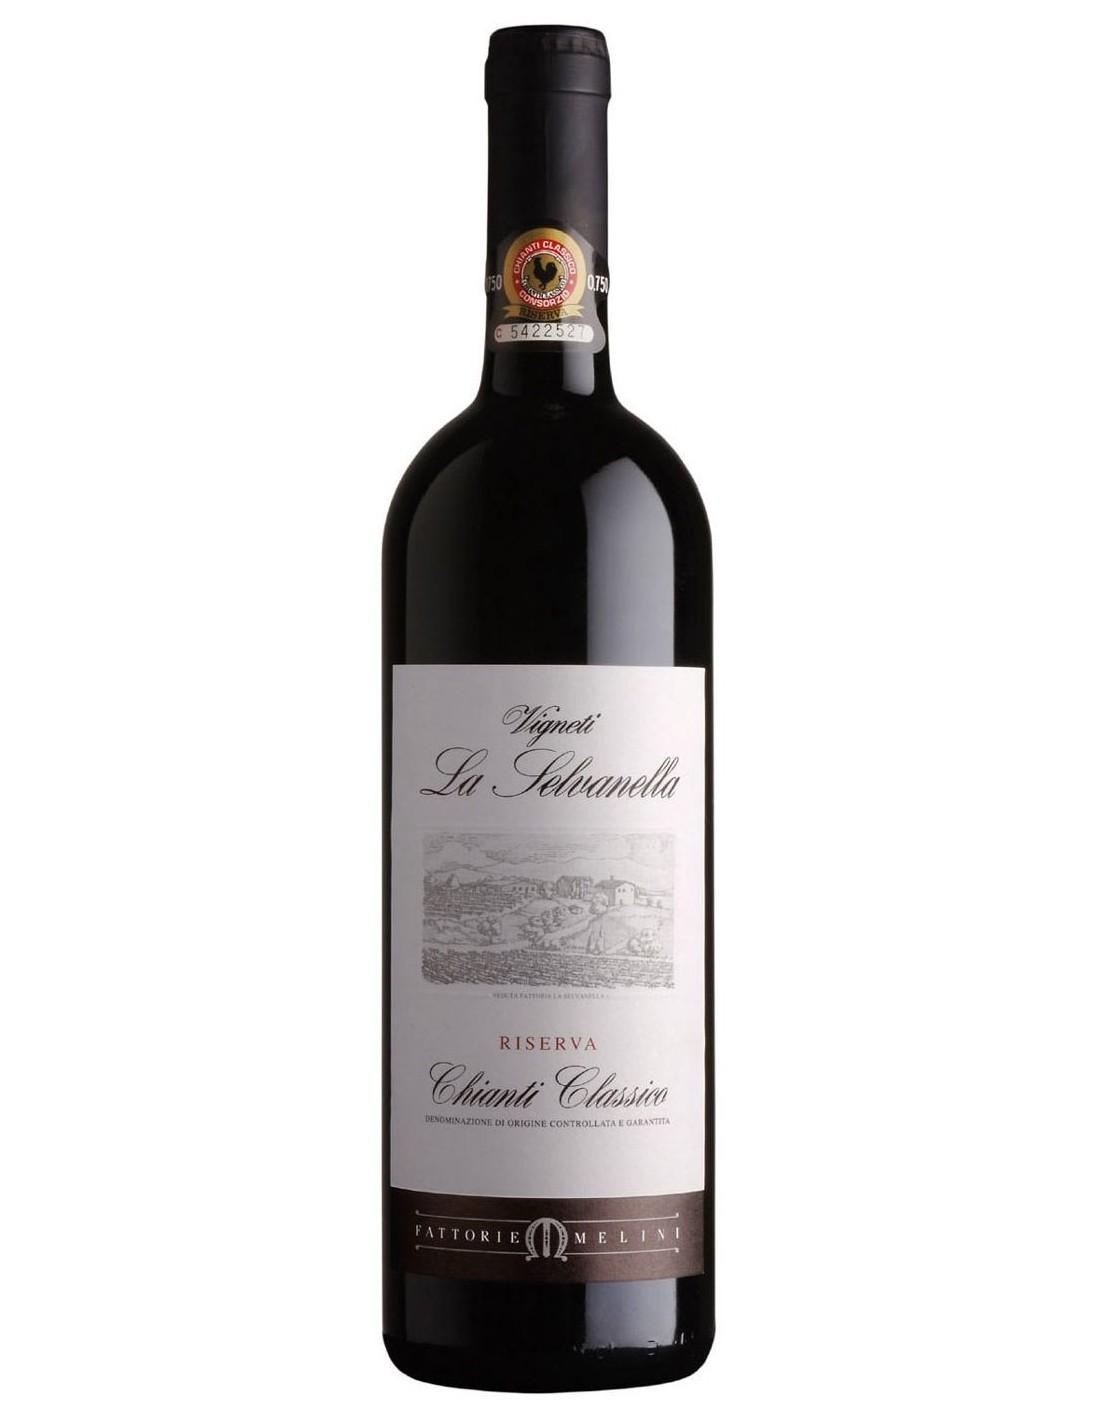 Vin rosu sec Vignetila La Selvanella, Riserva, 14.5% alc., 0.75L, Italia